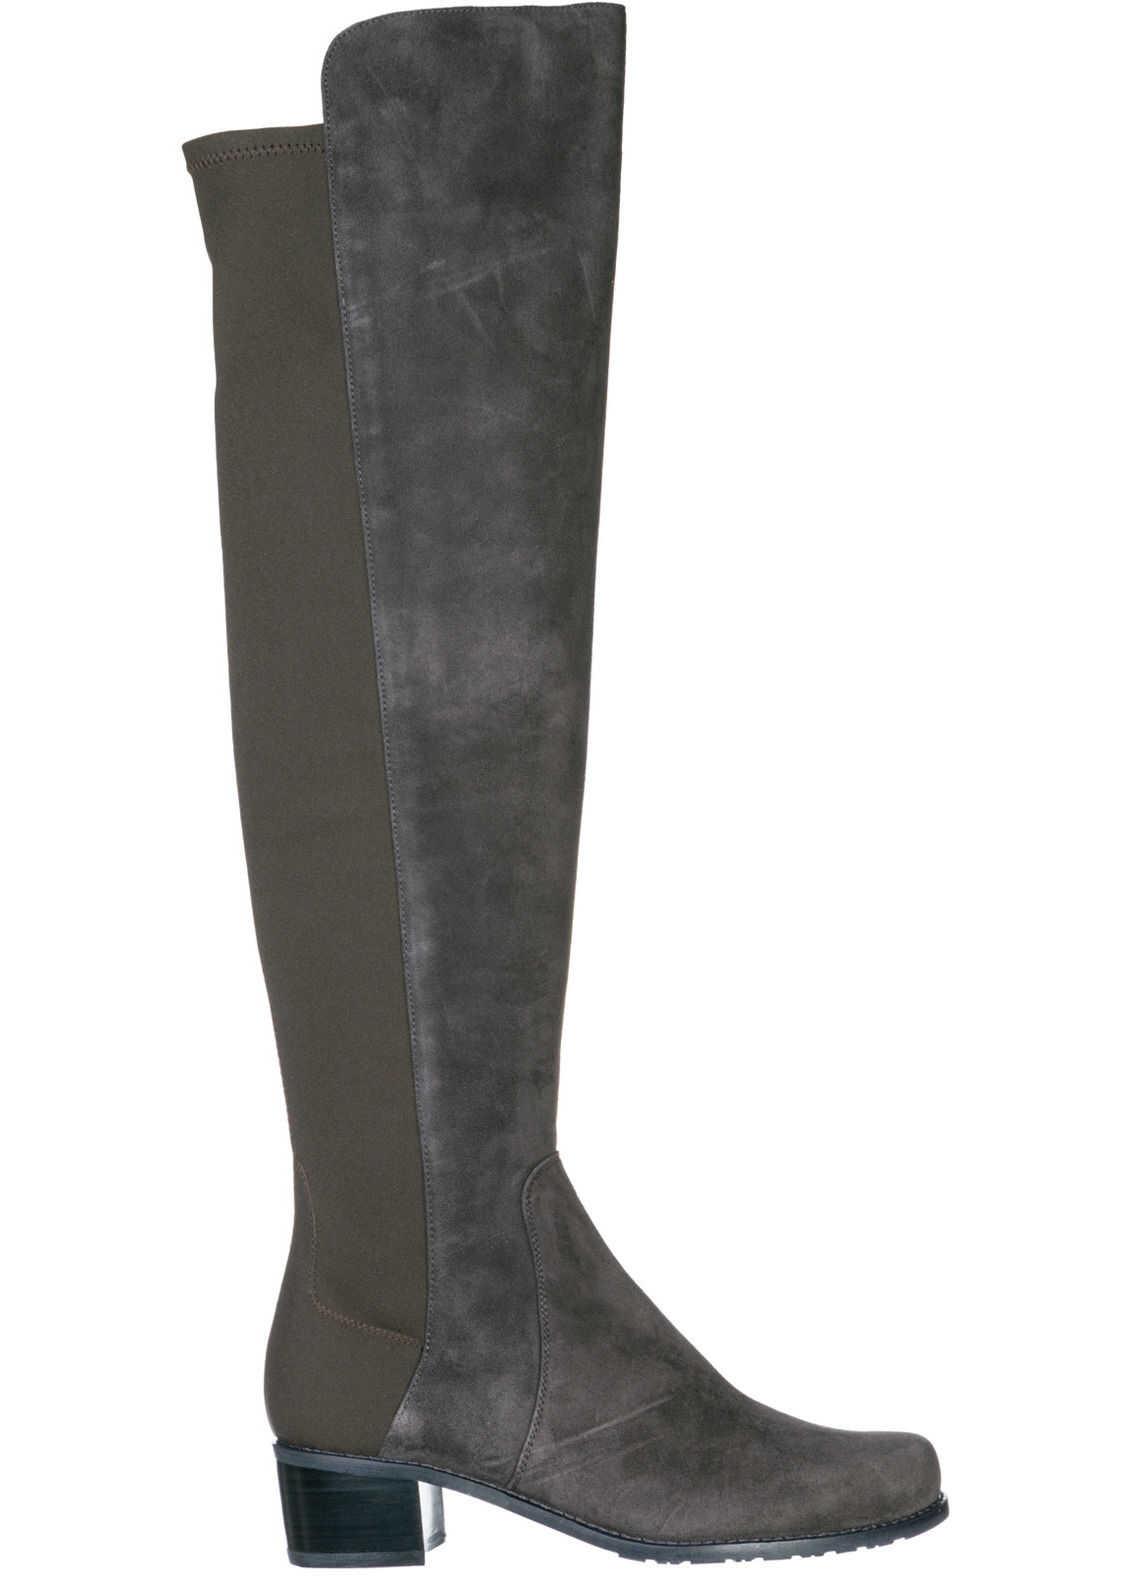 Stuart Weitzman Suede Boots Grey